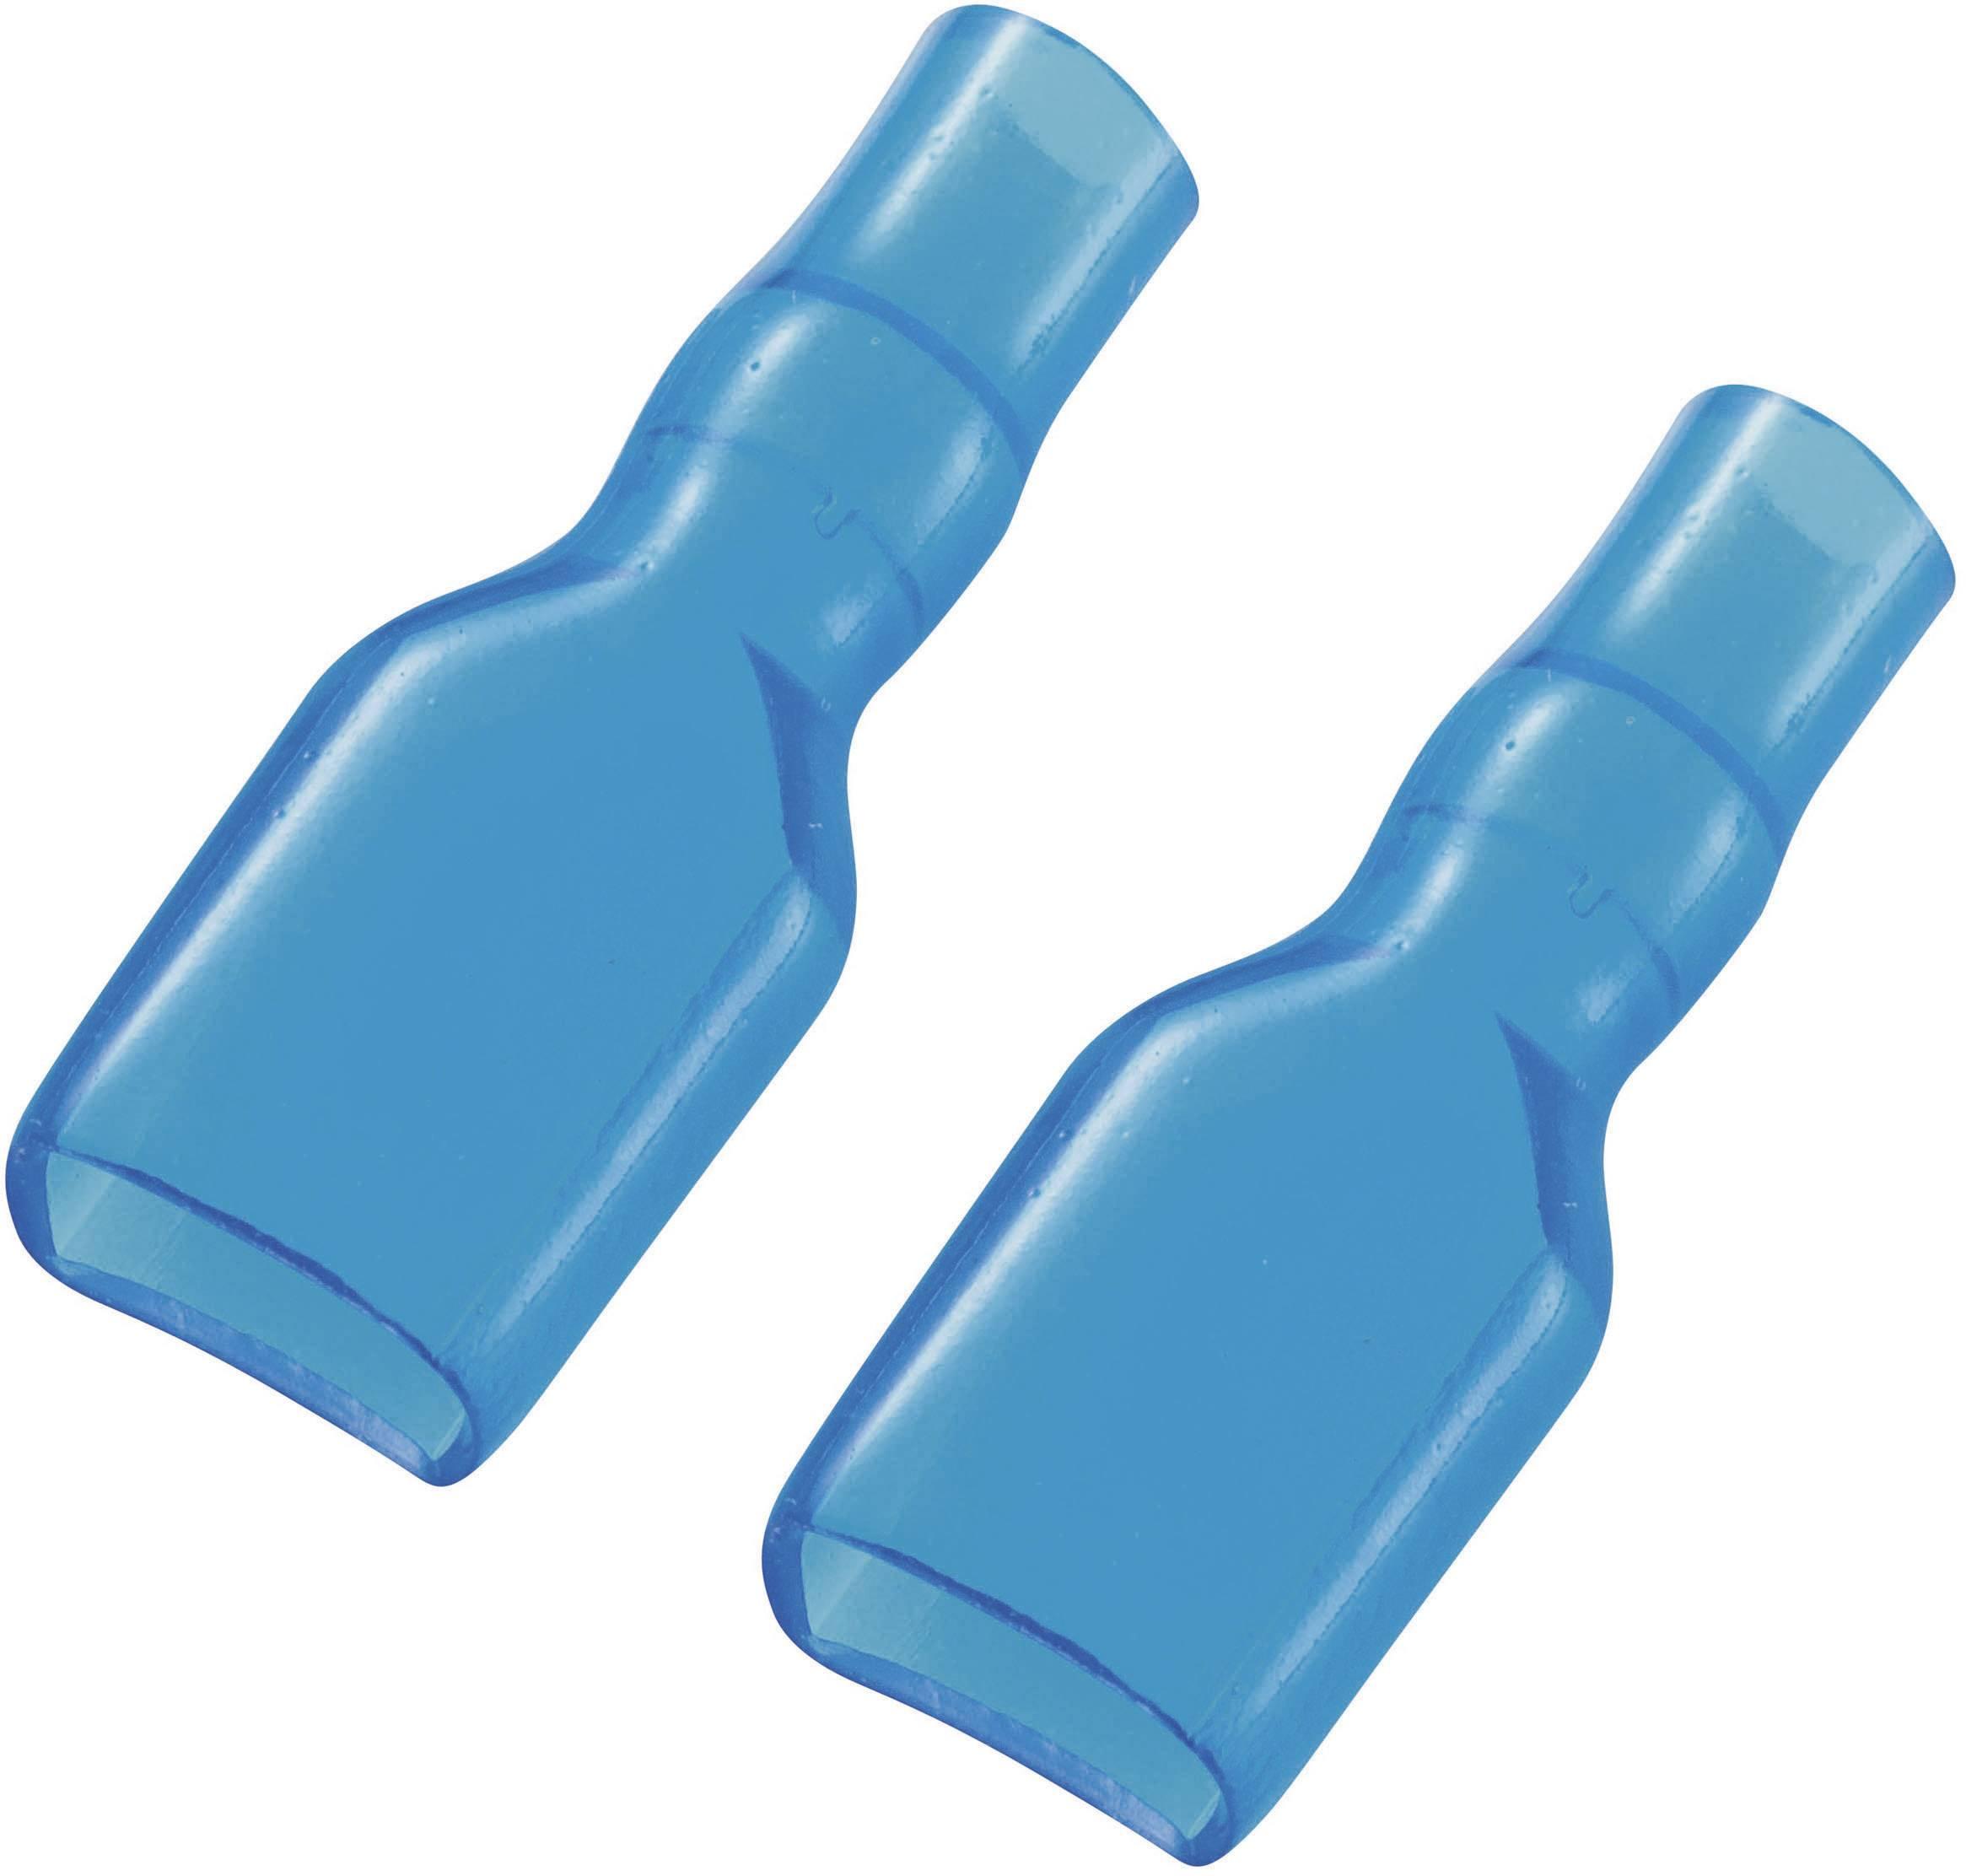 Izolačná objímka 735530, modrá – 1 ks